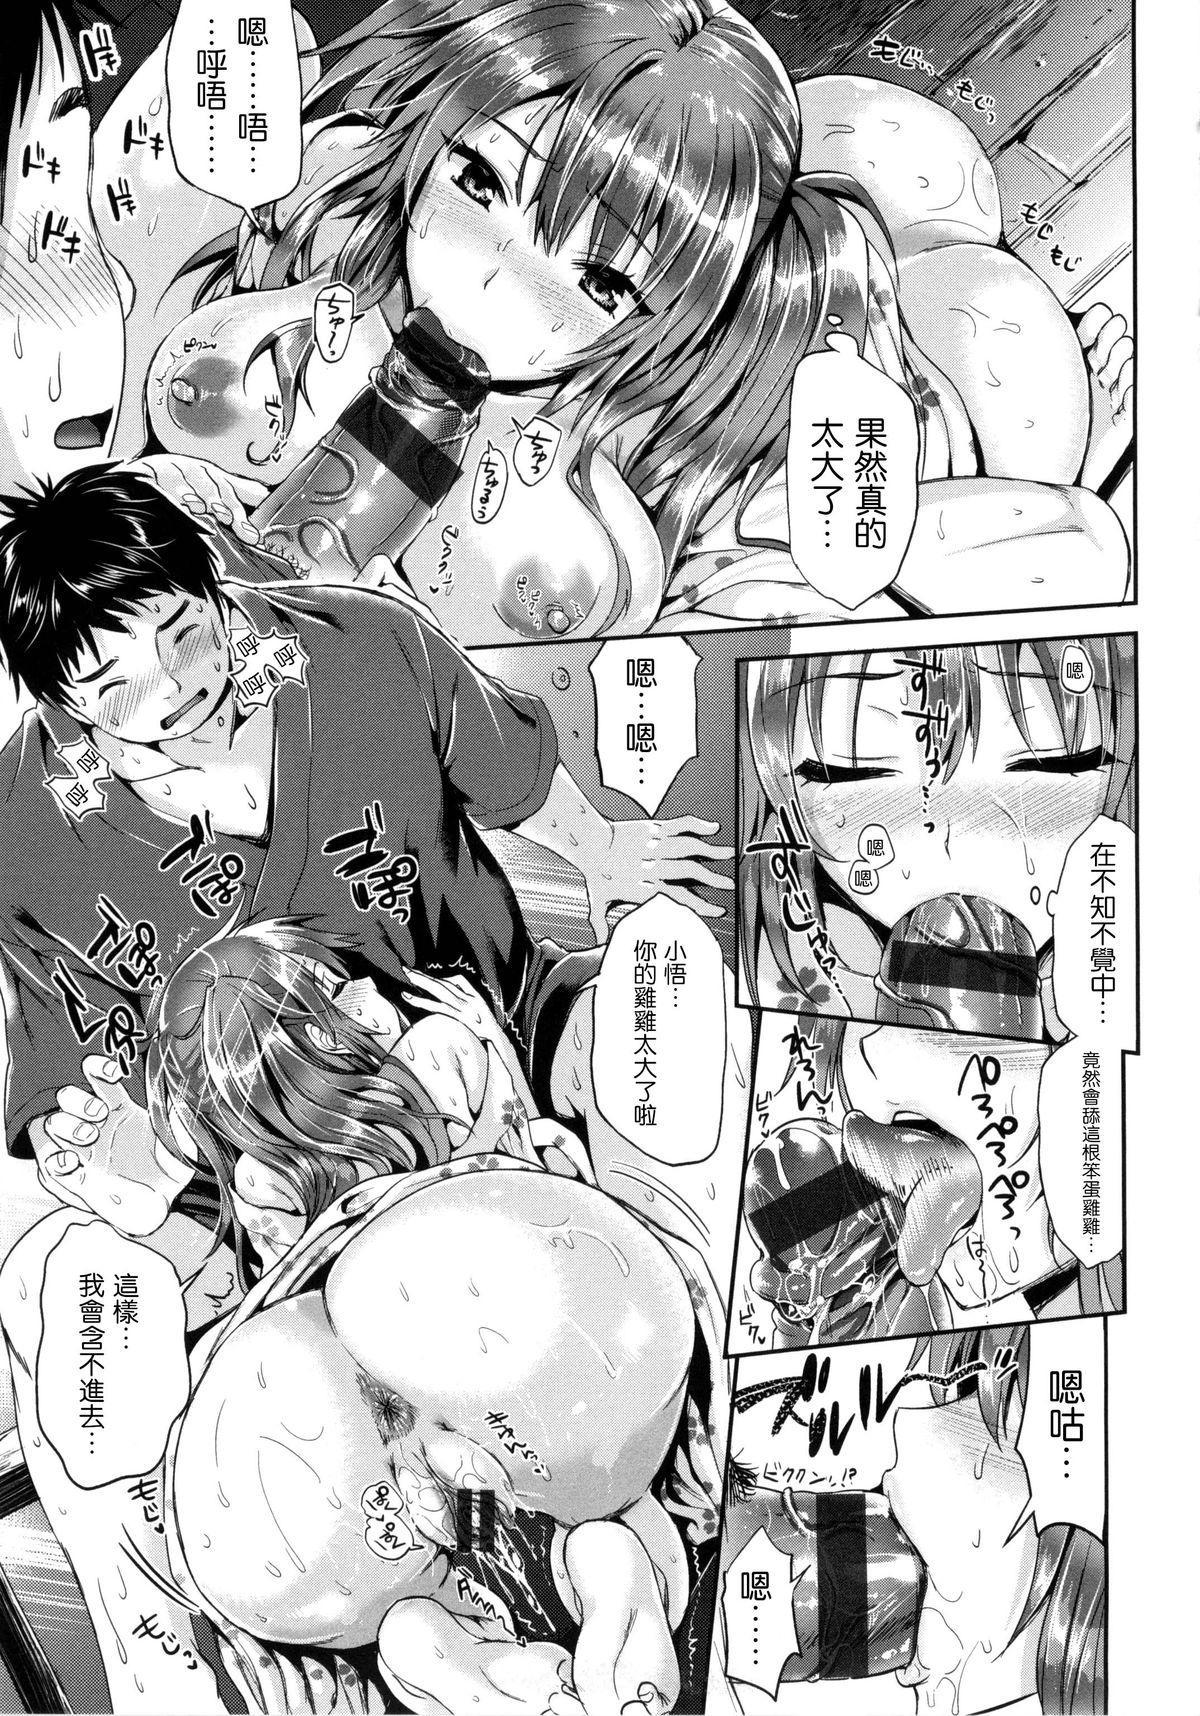 Seikousai - School Love Festival + Toranoana Gentei 8P Shousasshi 149